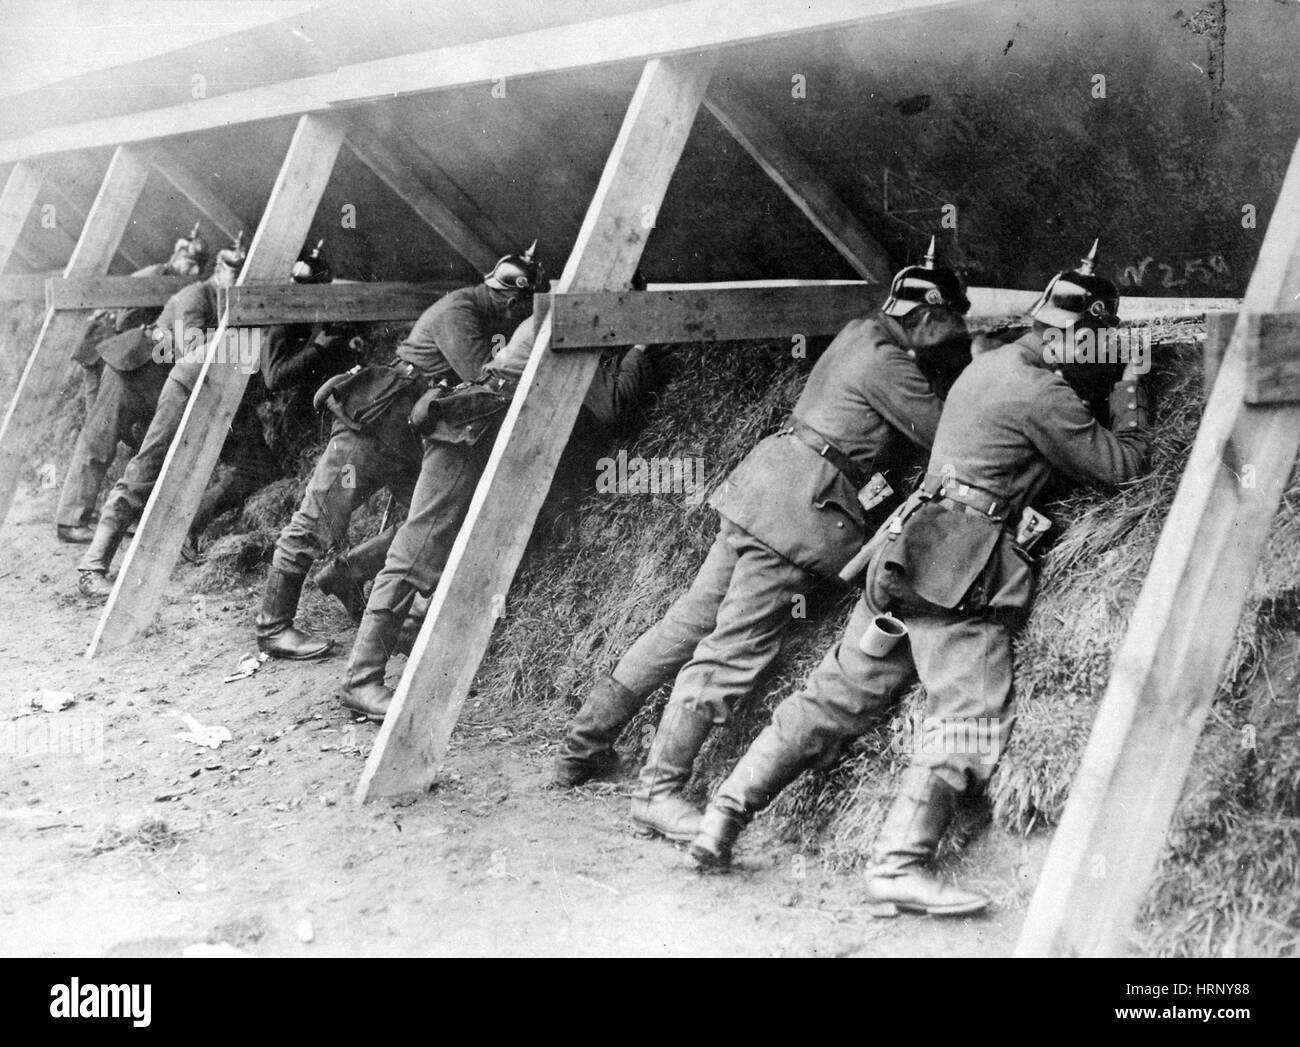 La prima guerra mondiale, i soldati tedeschi in trincea, Fronte occidentale Immagini Stock